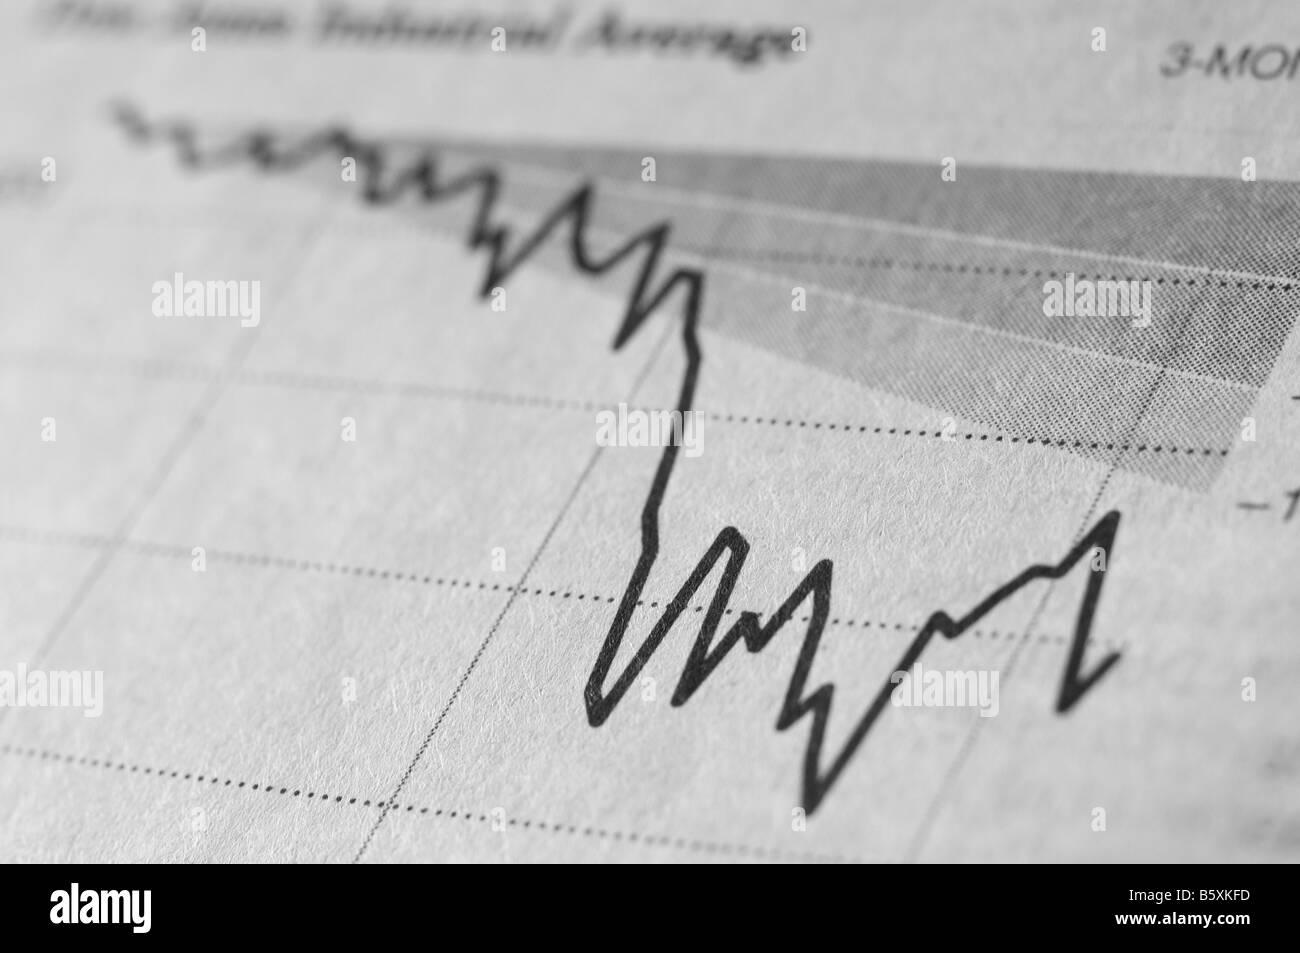 Le attività finanziarie sezione di un giornale. Immagini Stock